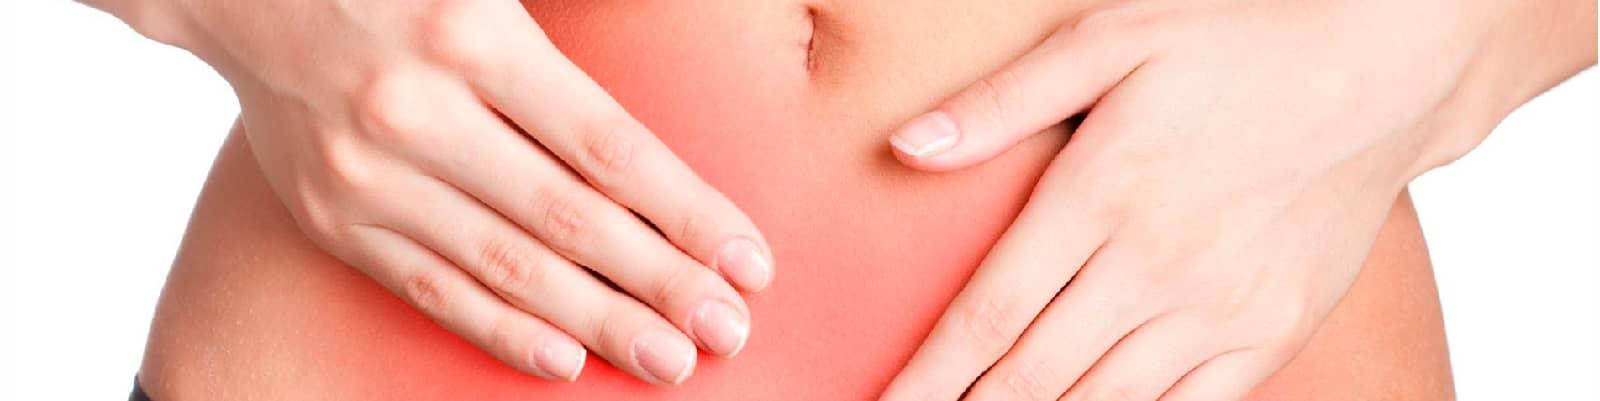 Endometriosis tratamiento fisioterapia